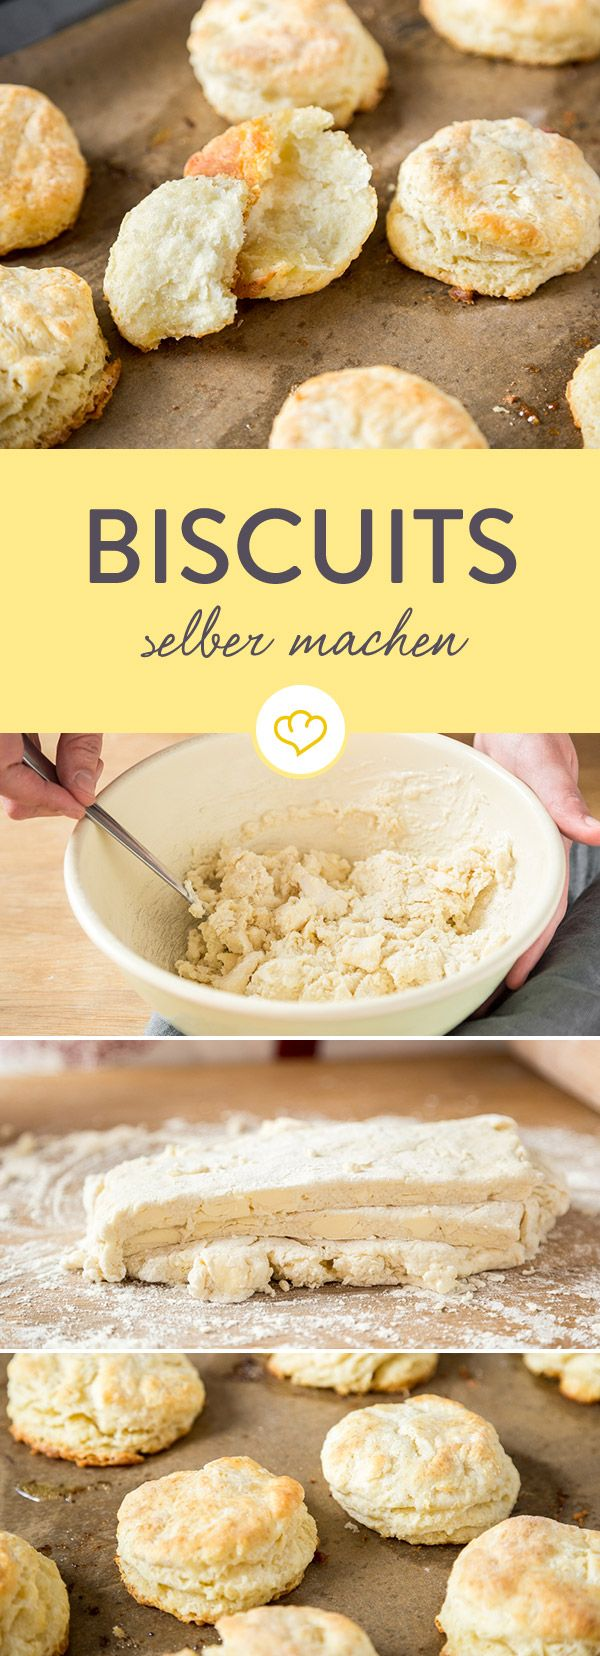 Biscuits sind weder Scones noch Blätterteigtörtchen. Biscuits sind amerikanische Gebäckstücke, die dank kalter Butter besonders blättrig und luftig werden.